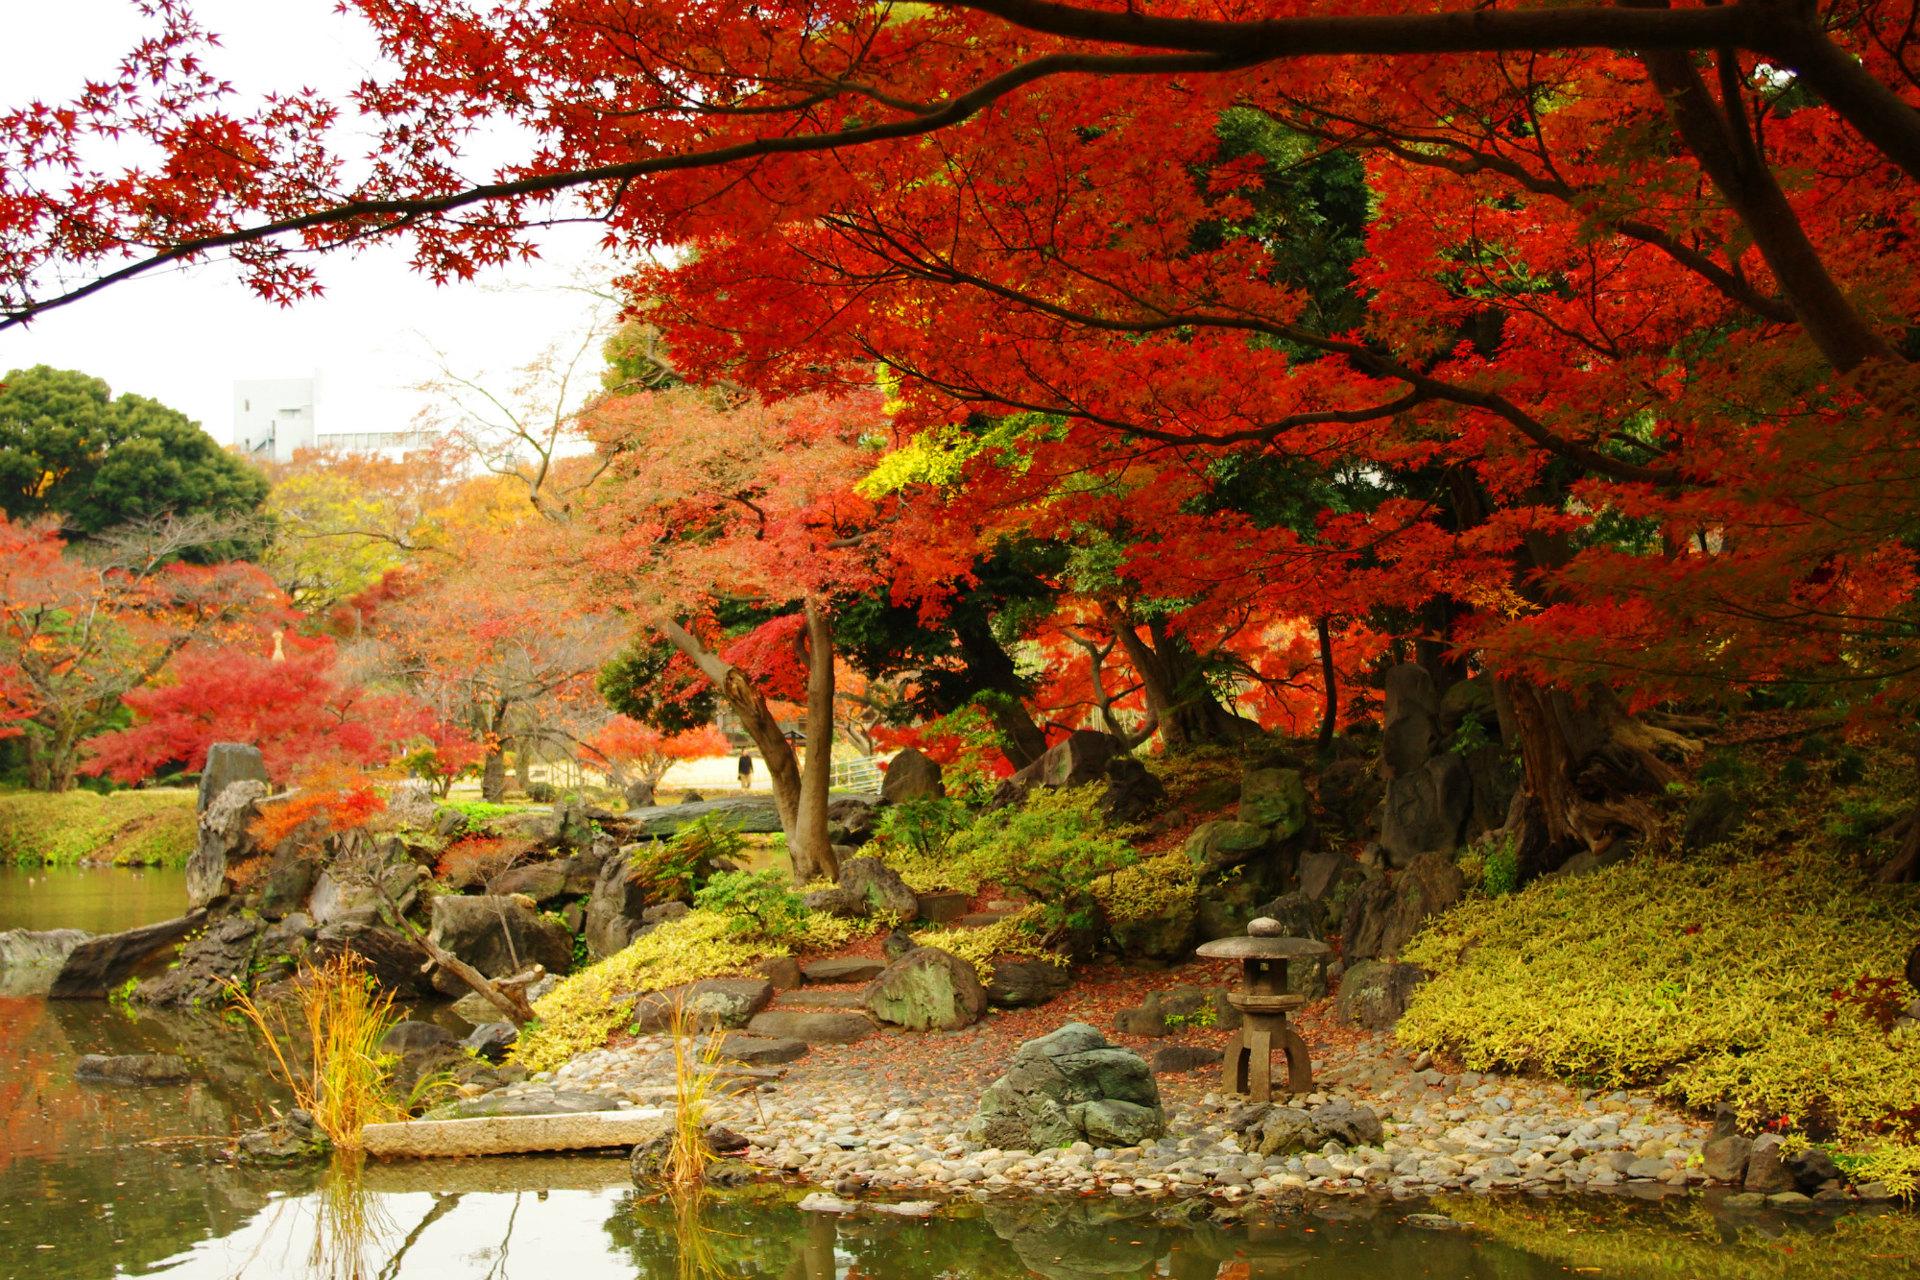 小石川後楽園の紅葉の見頃時期・シーズンは?東京ドームシティのイルミネーションも